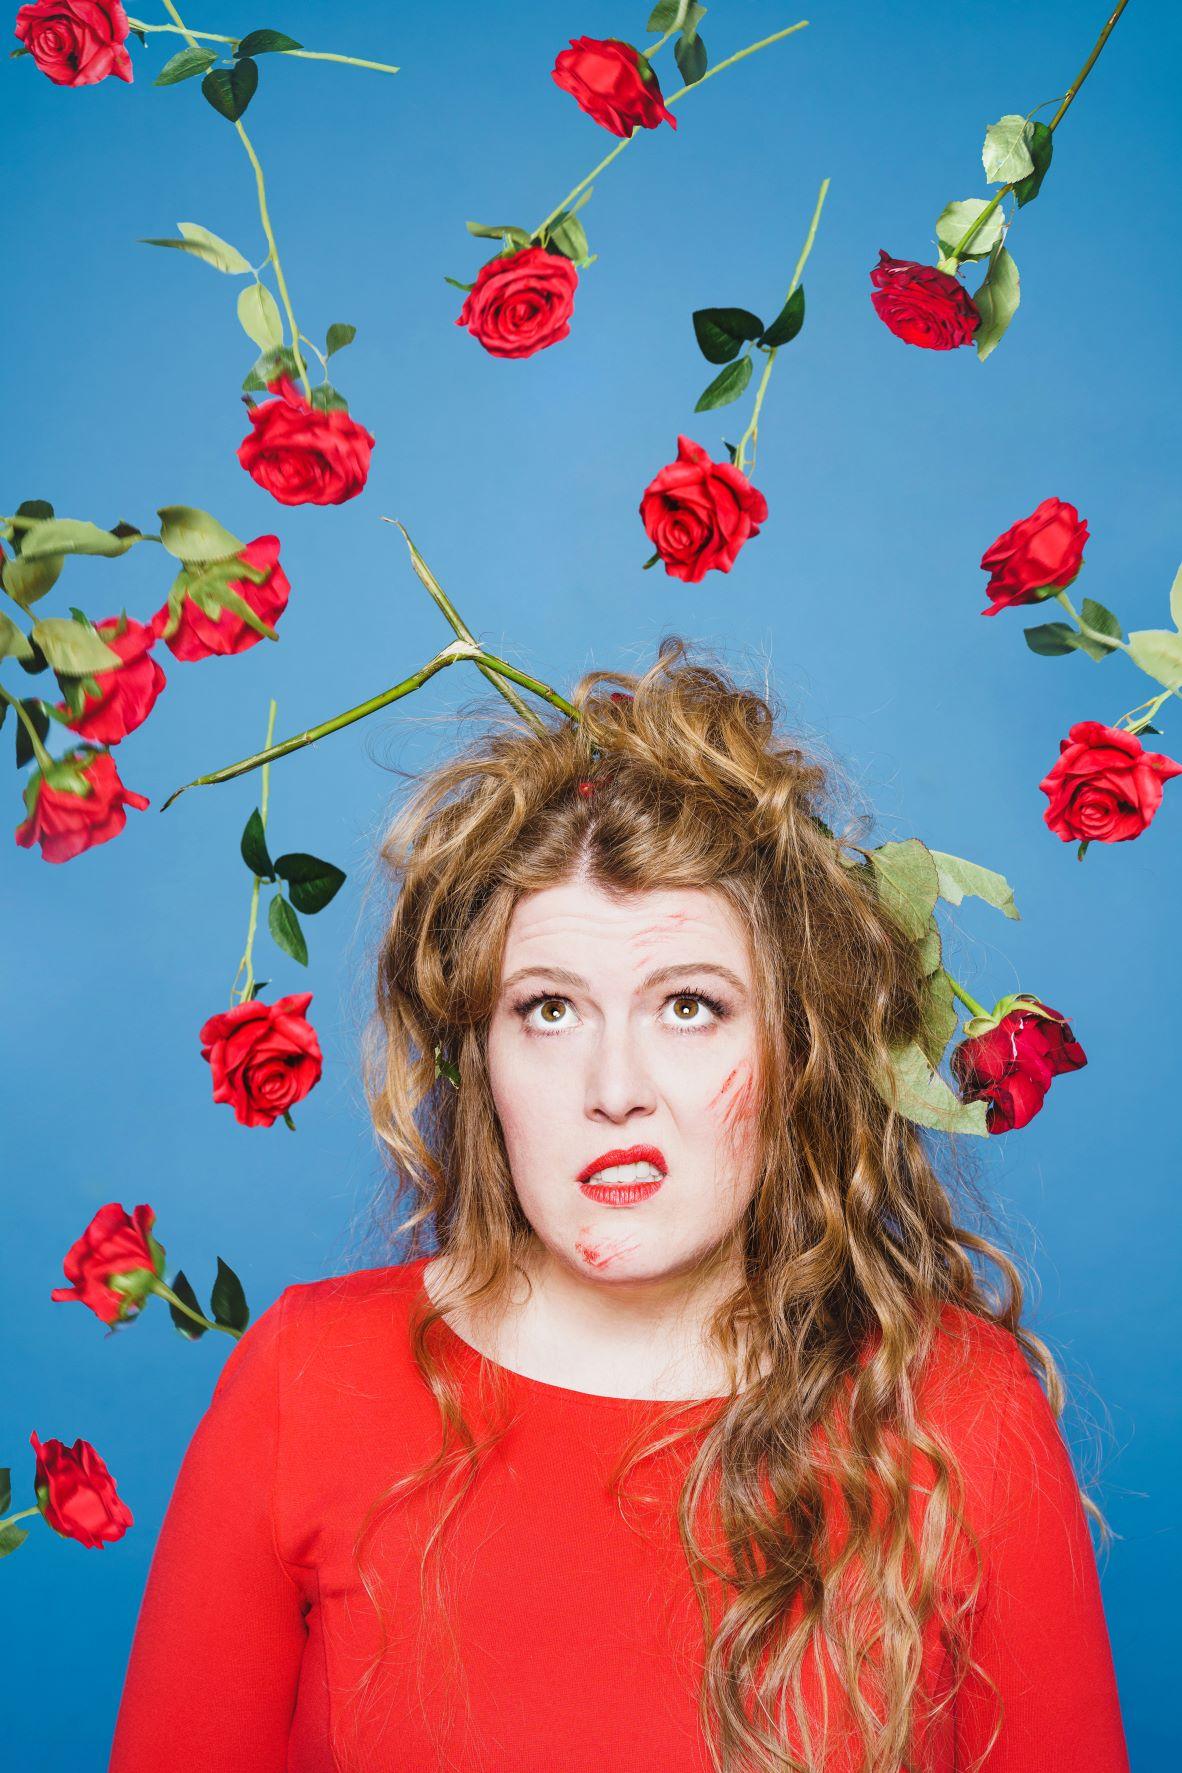 Franziska Wanninger - Für mich soll's rote Rosen hageln